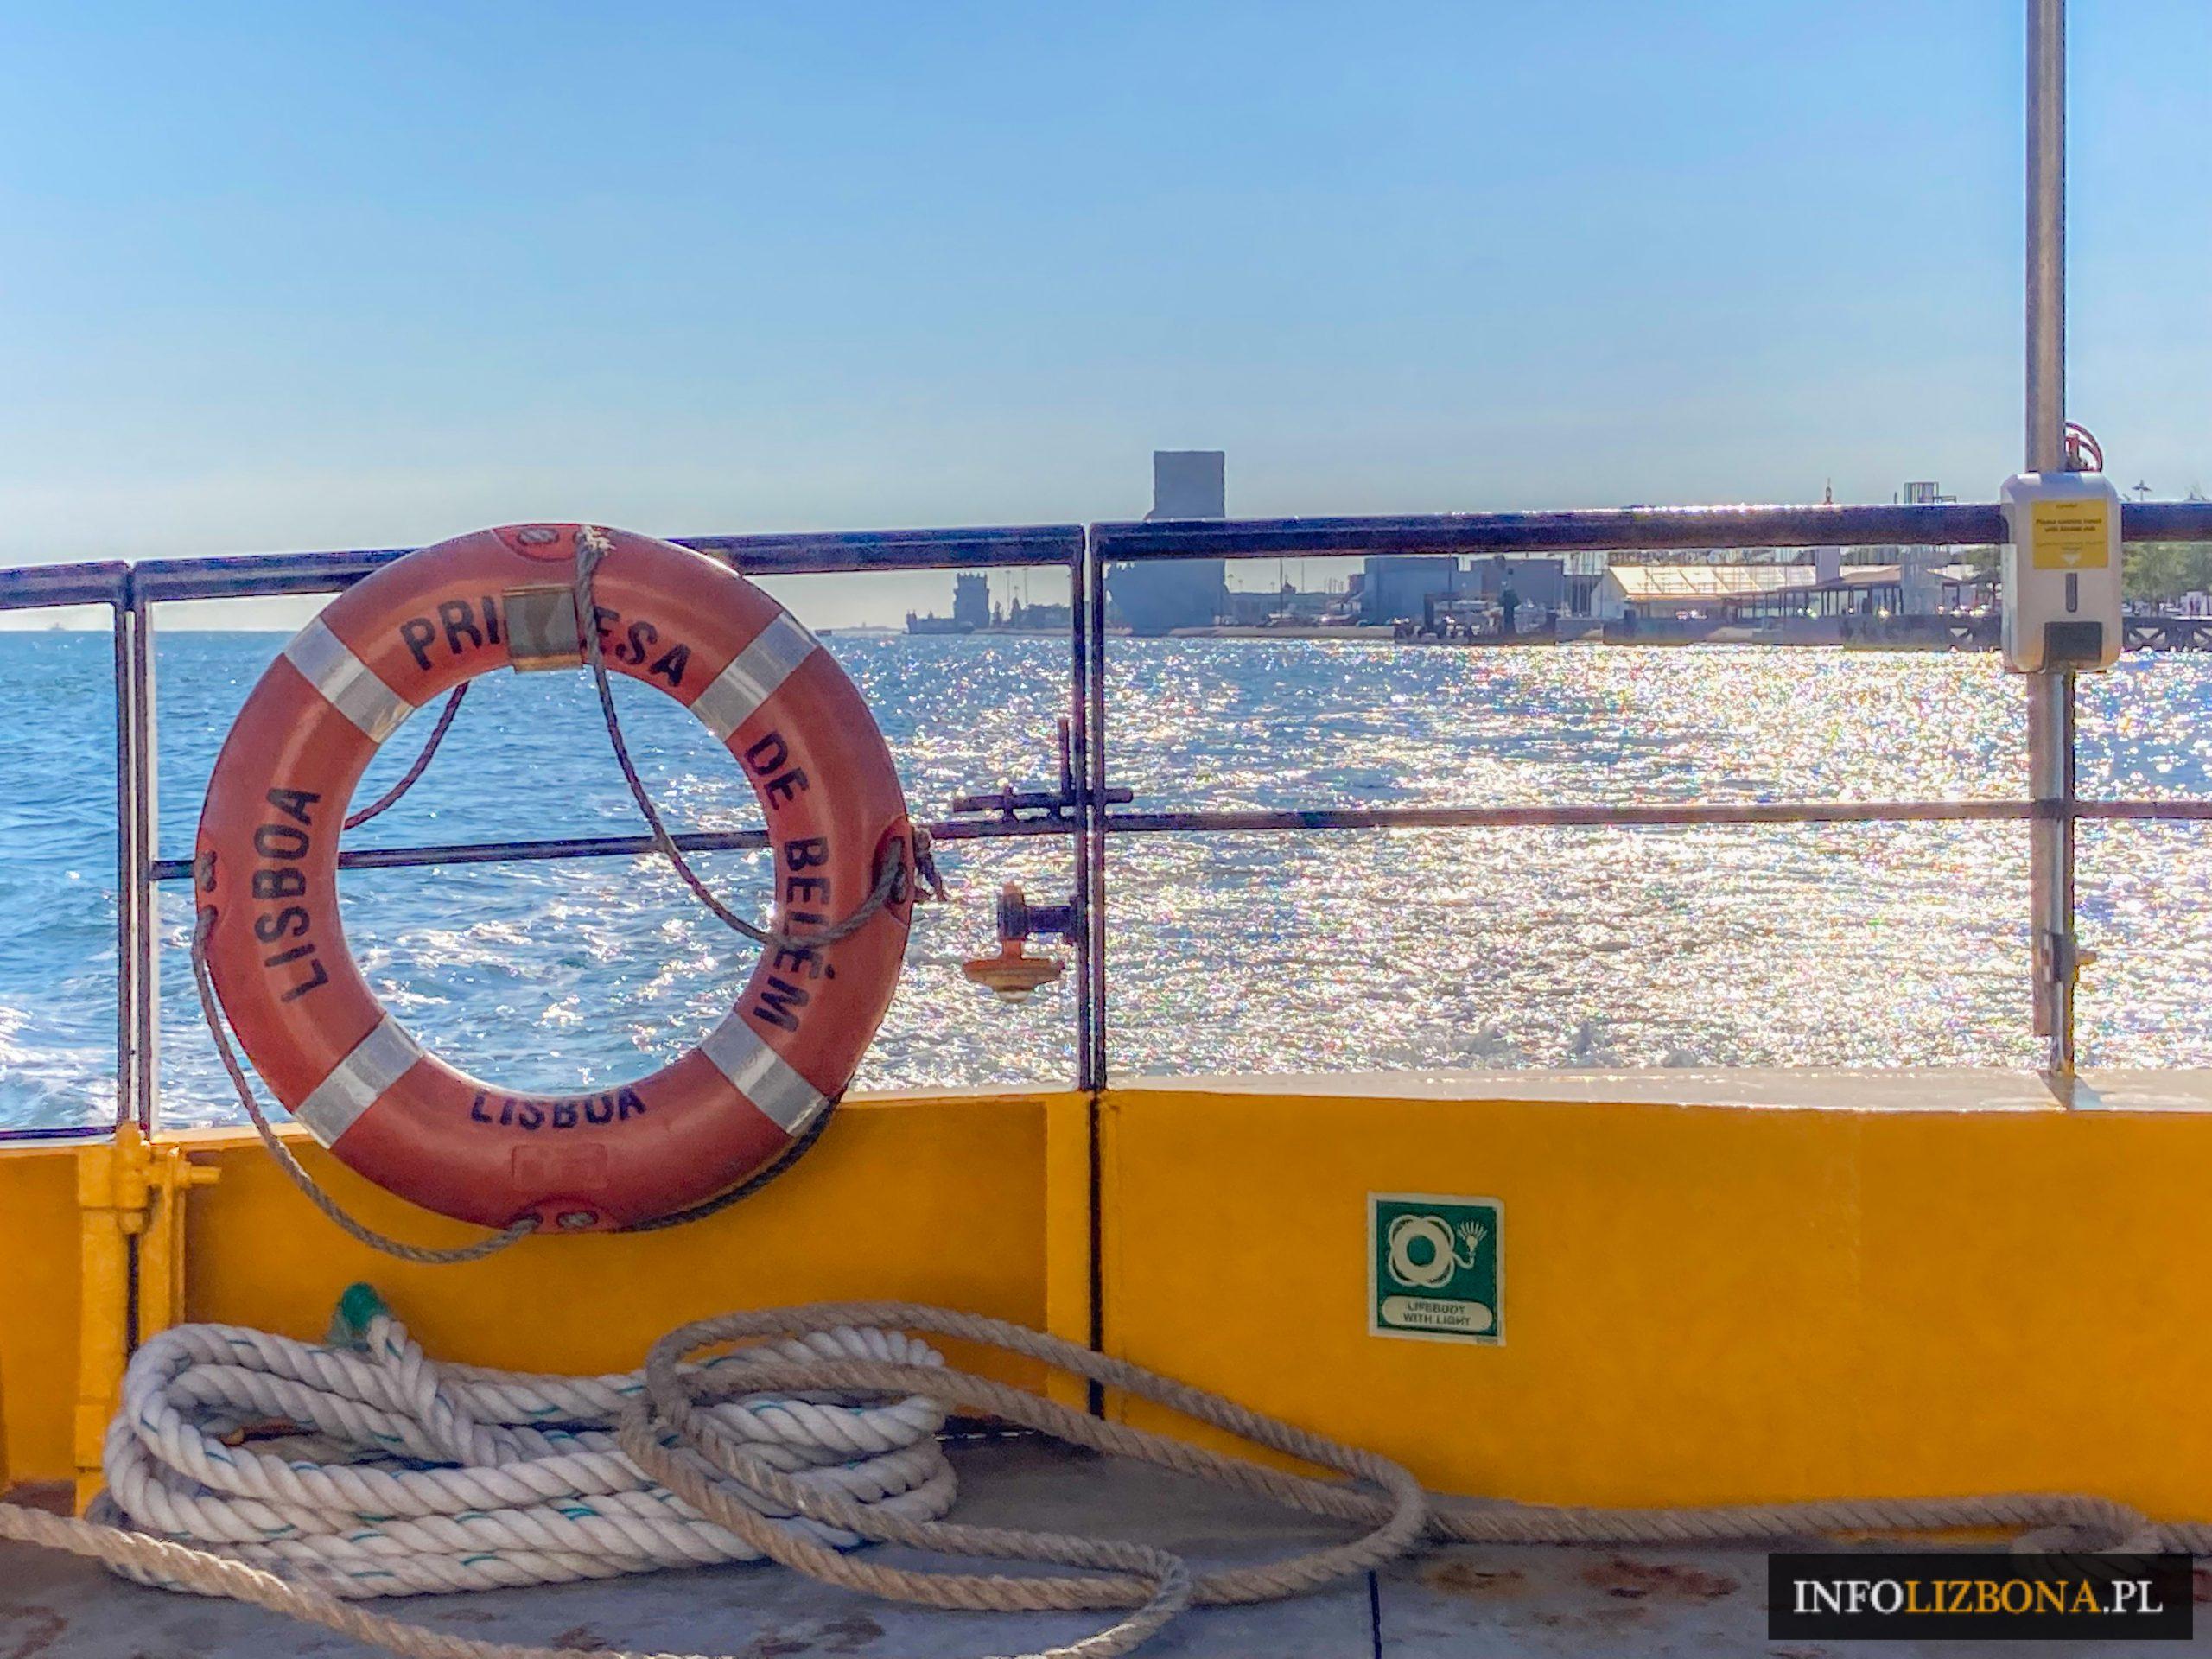 lizbona rejsy po tagu rejs po rzece Tejo Lisboa Lisbona Portugalia ceny opinie bilety online opis przystanie skąd oferty porównanie bilety jachty w Lizbonie łodzie porta